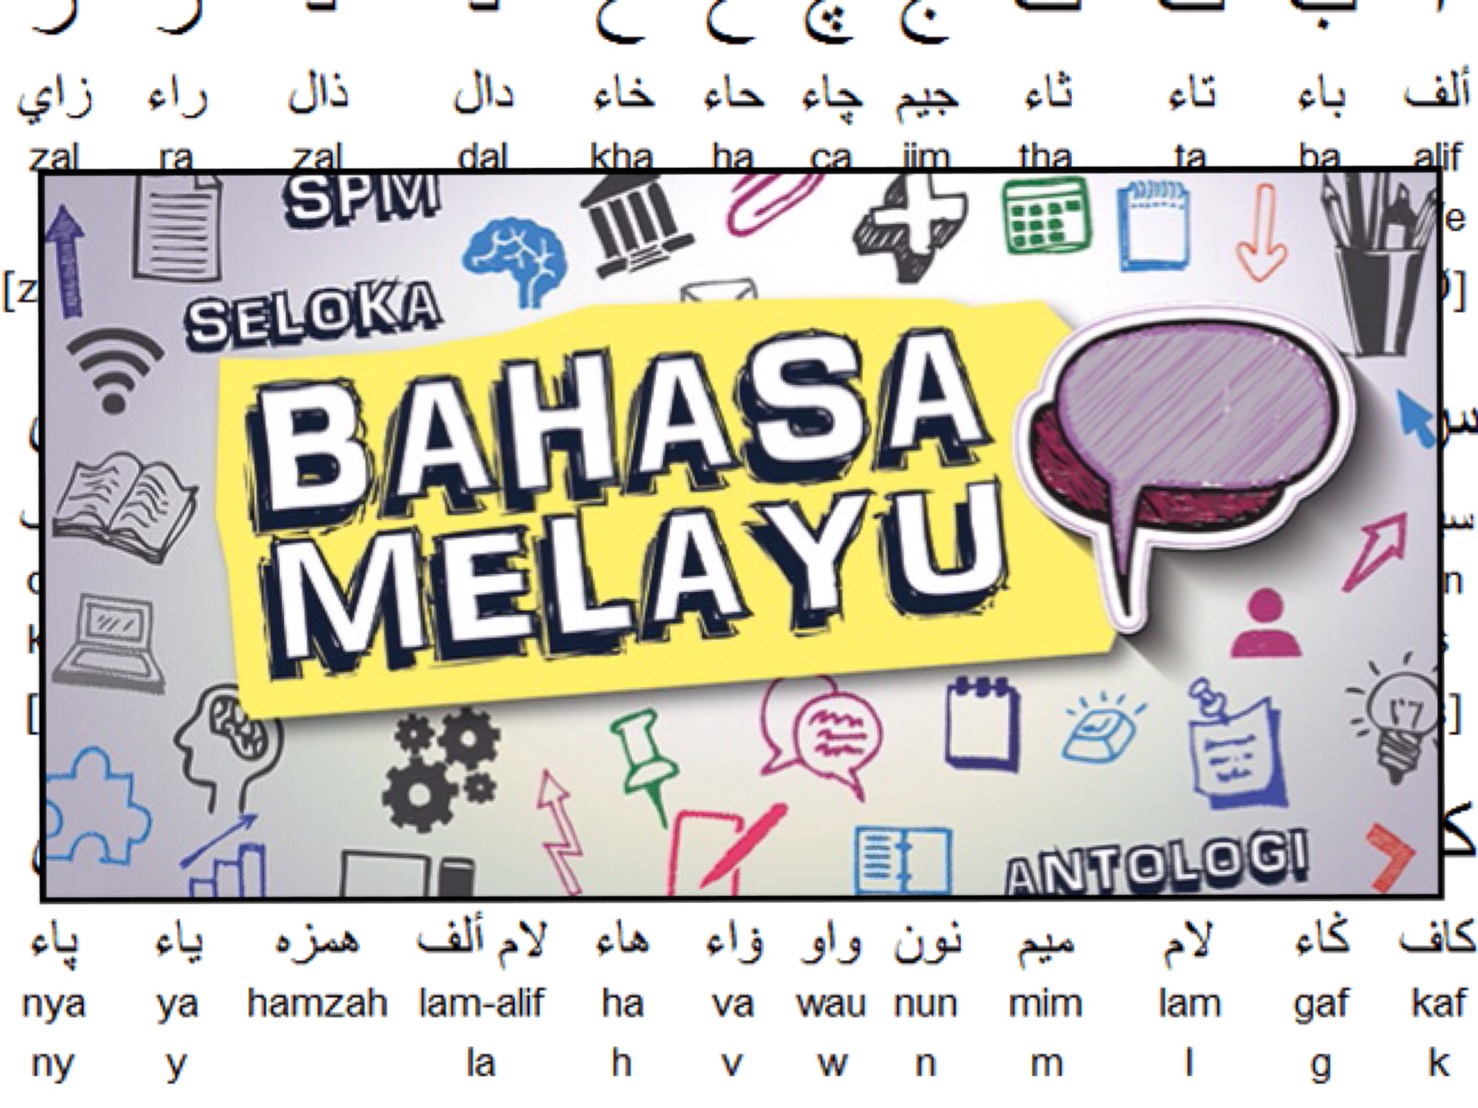 ความรู้นอกตำรา ว่าด้วยเรื่องของ วิวัฒนาการของ ภาษามลายู